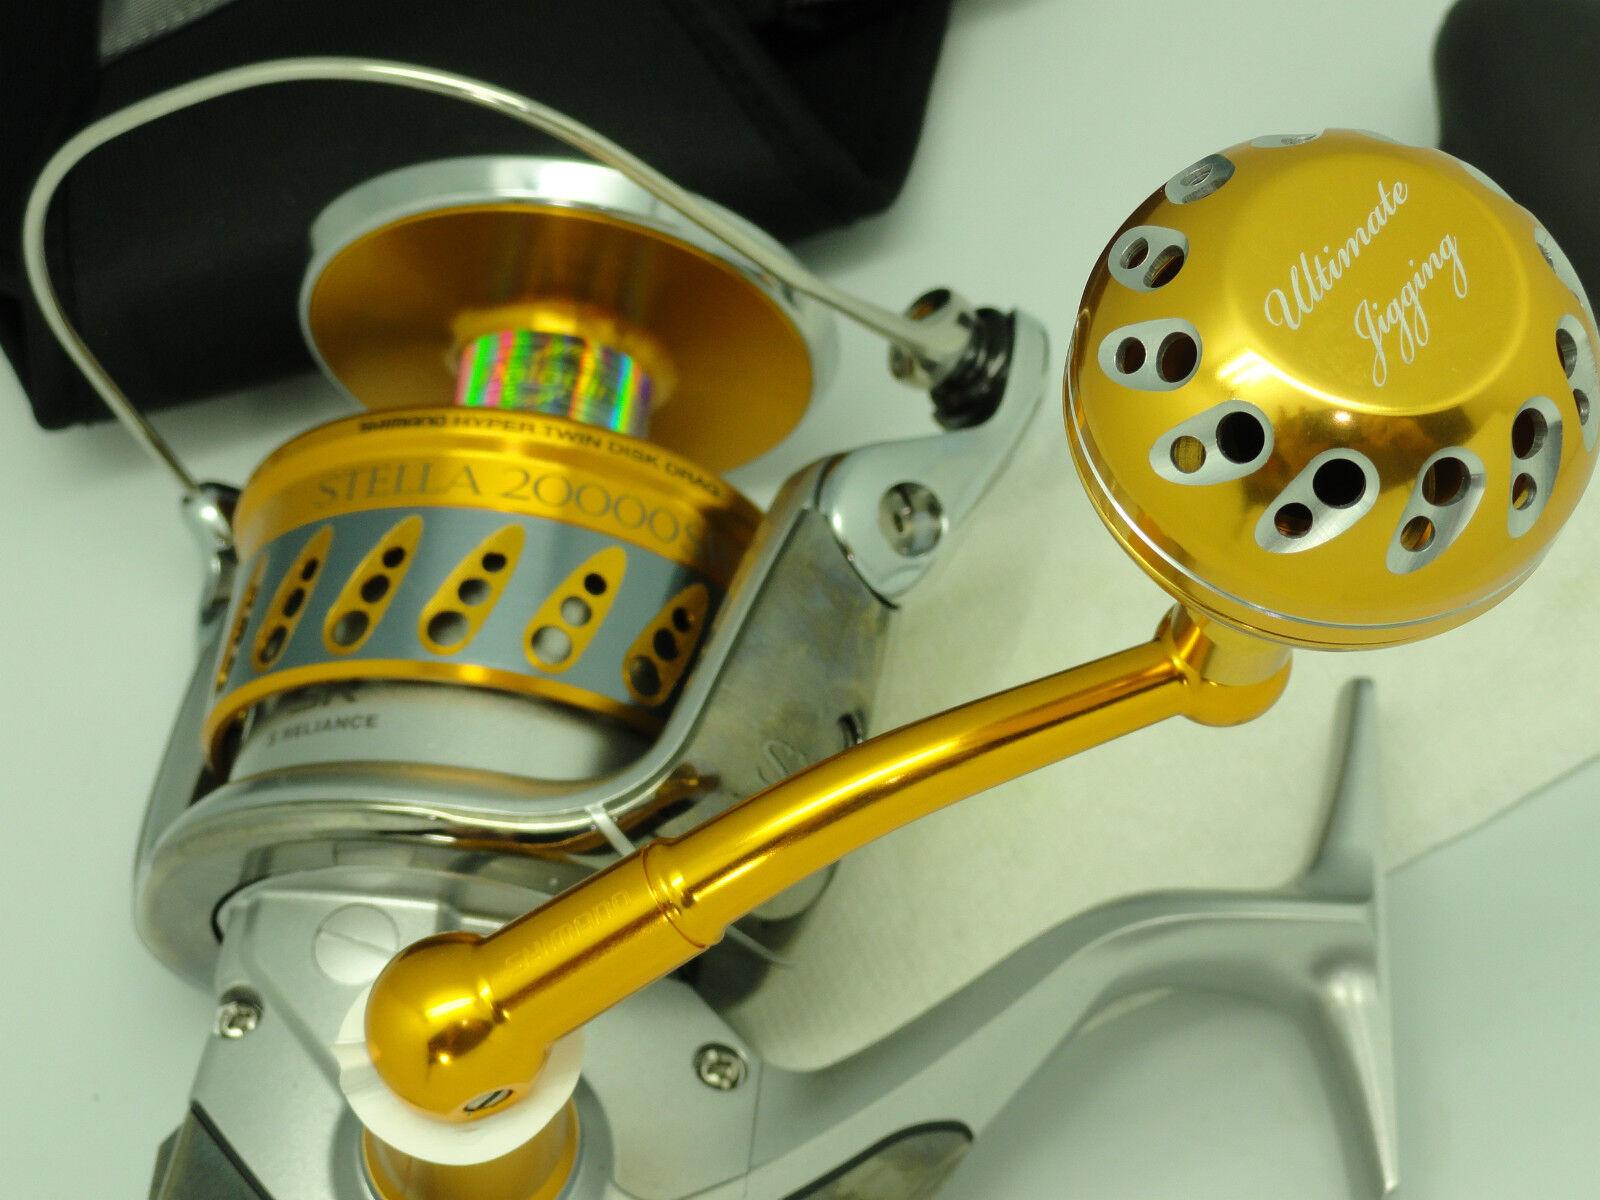 UJ PRK45 knob fits 08+ Shimano stella twinpower SW reel W  8mm bearing kit GD SV